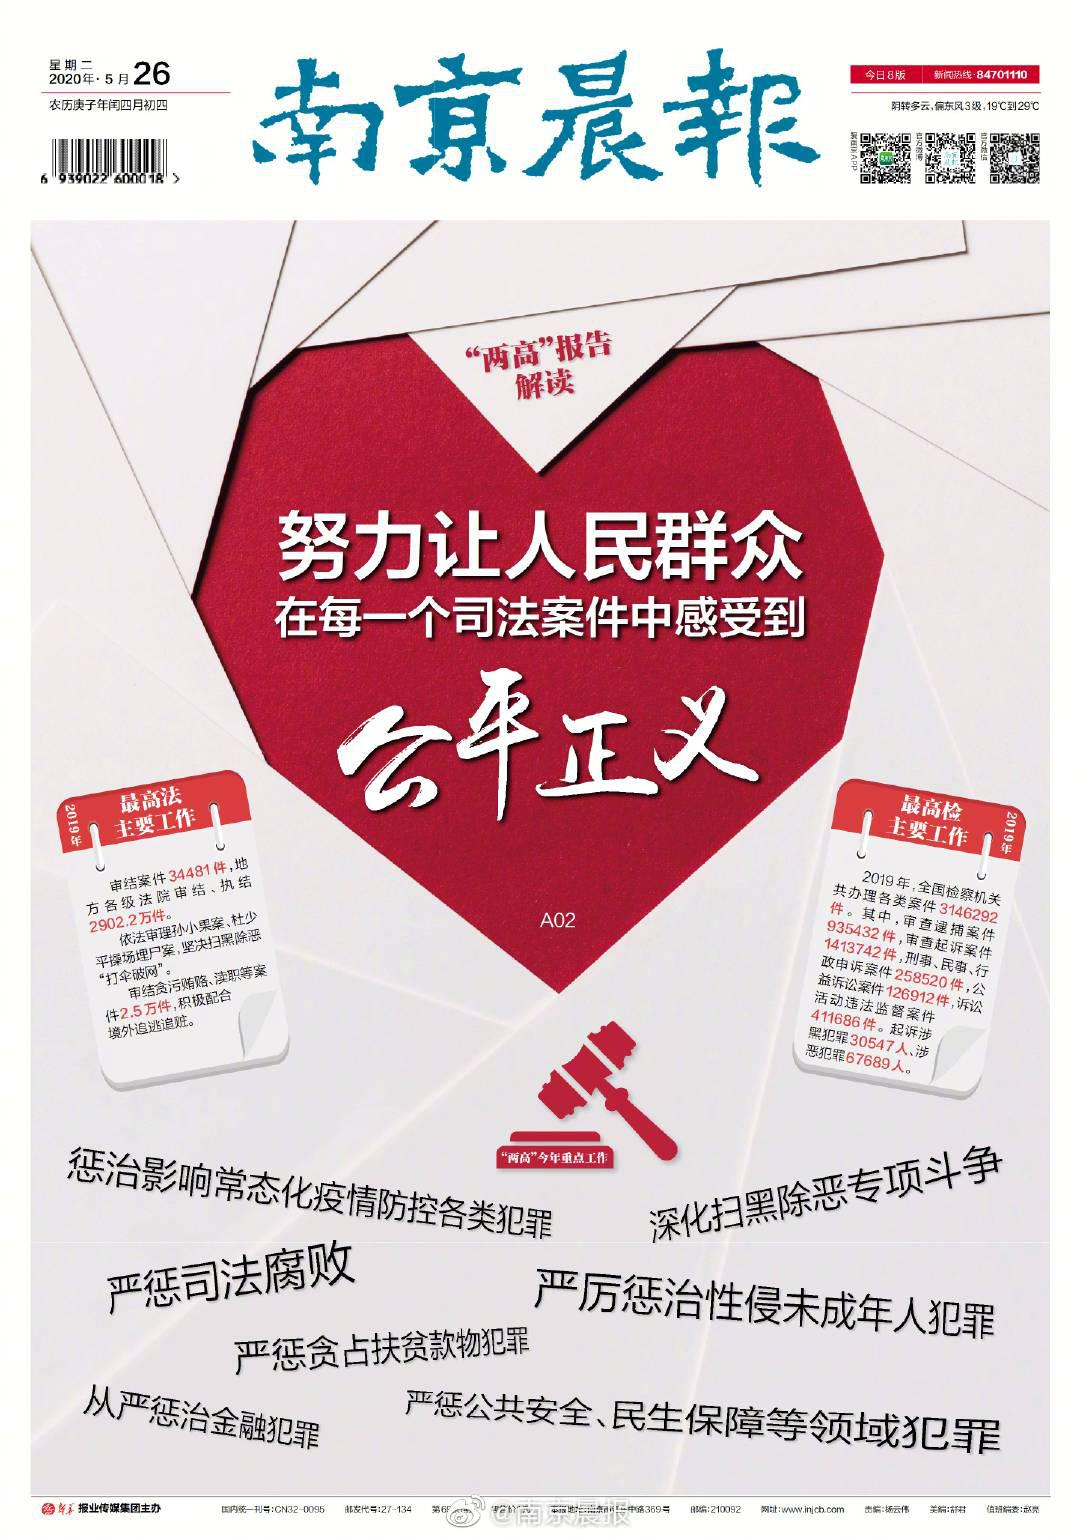 众志成城战疫情!南京晨报5月26日电子版